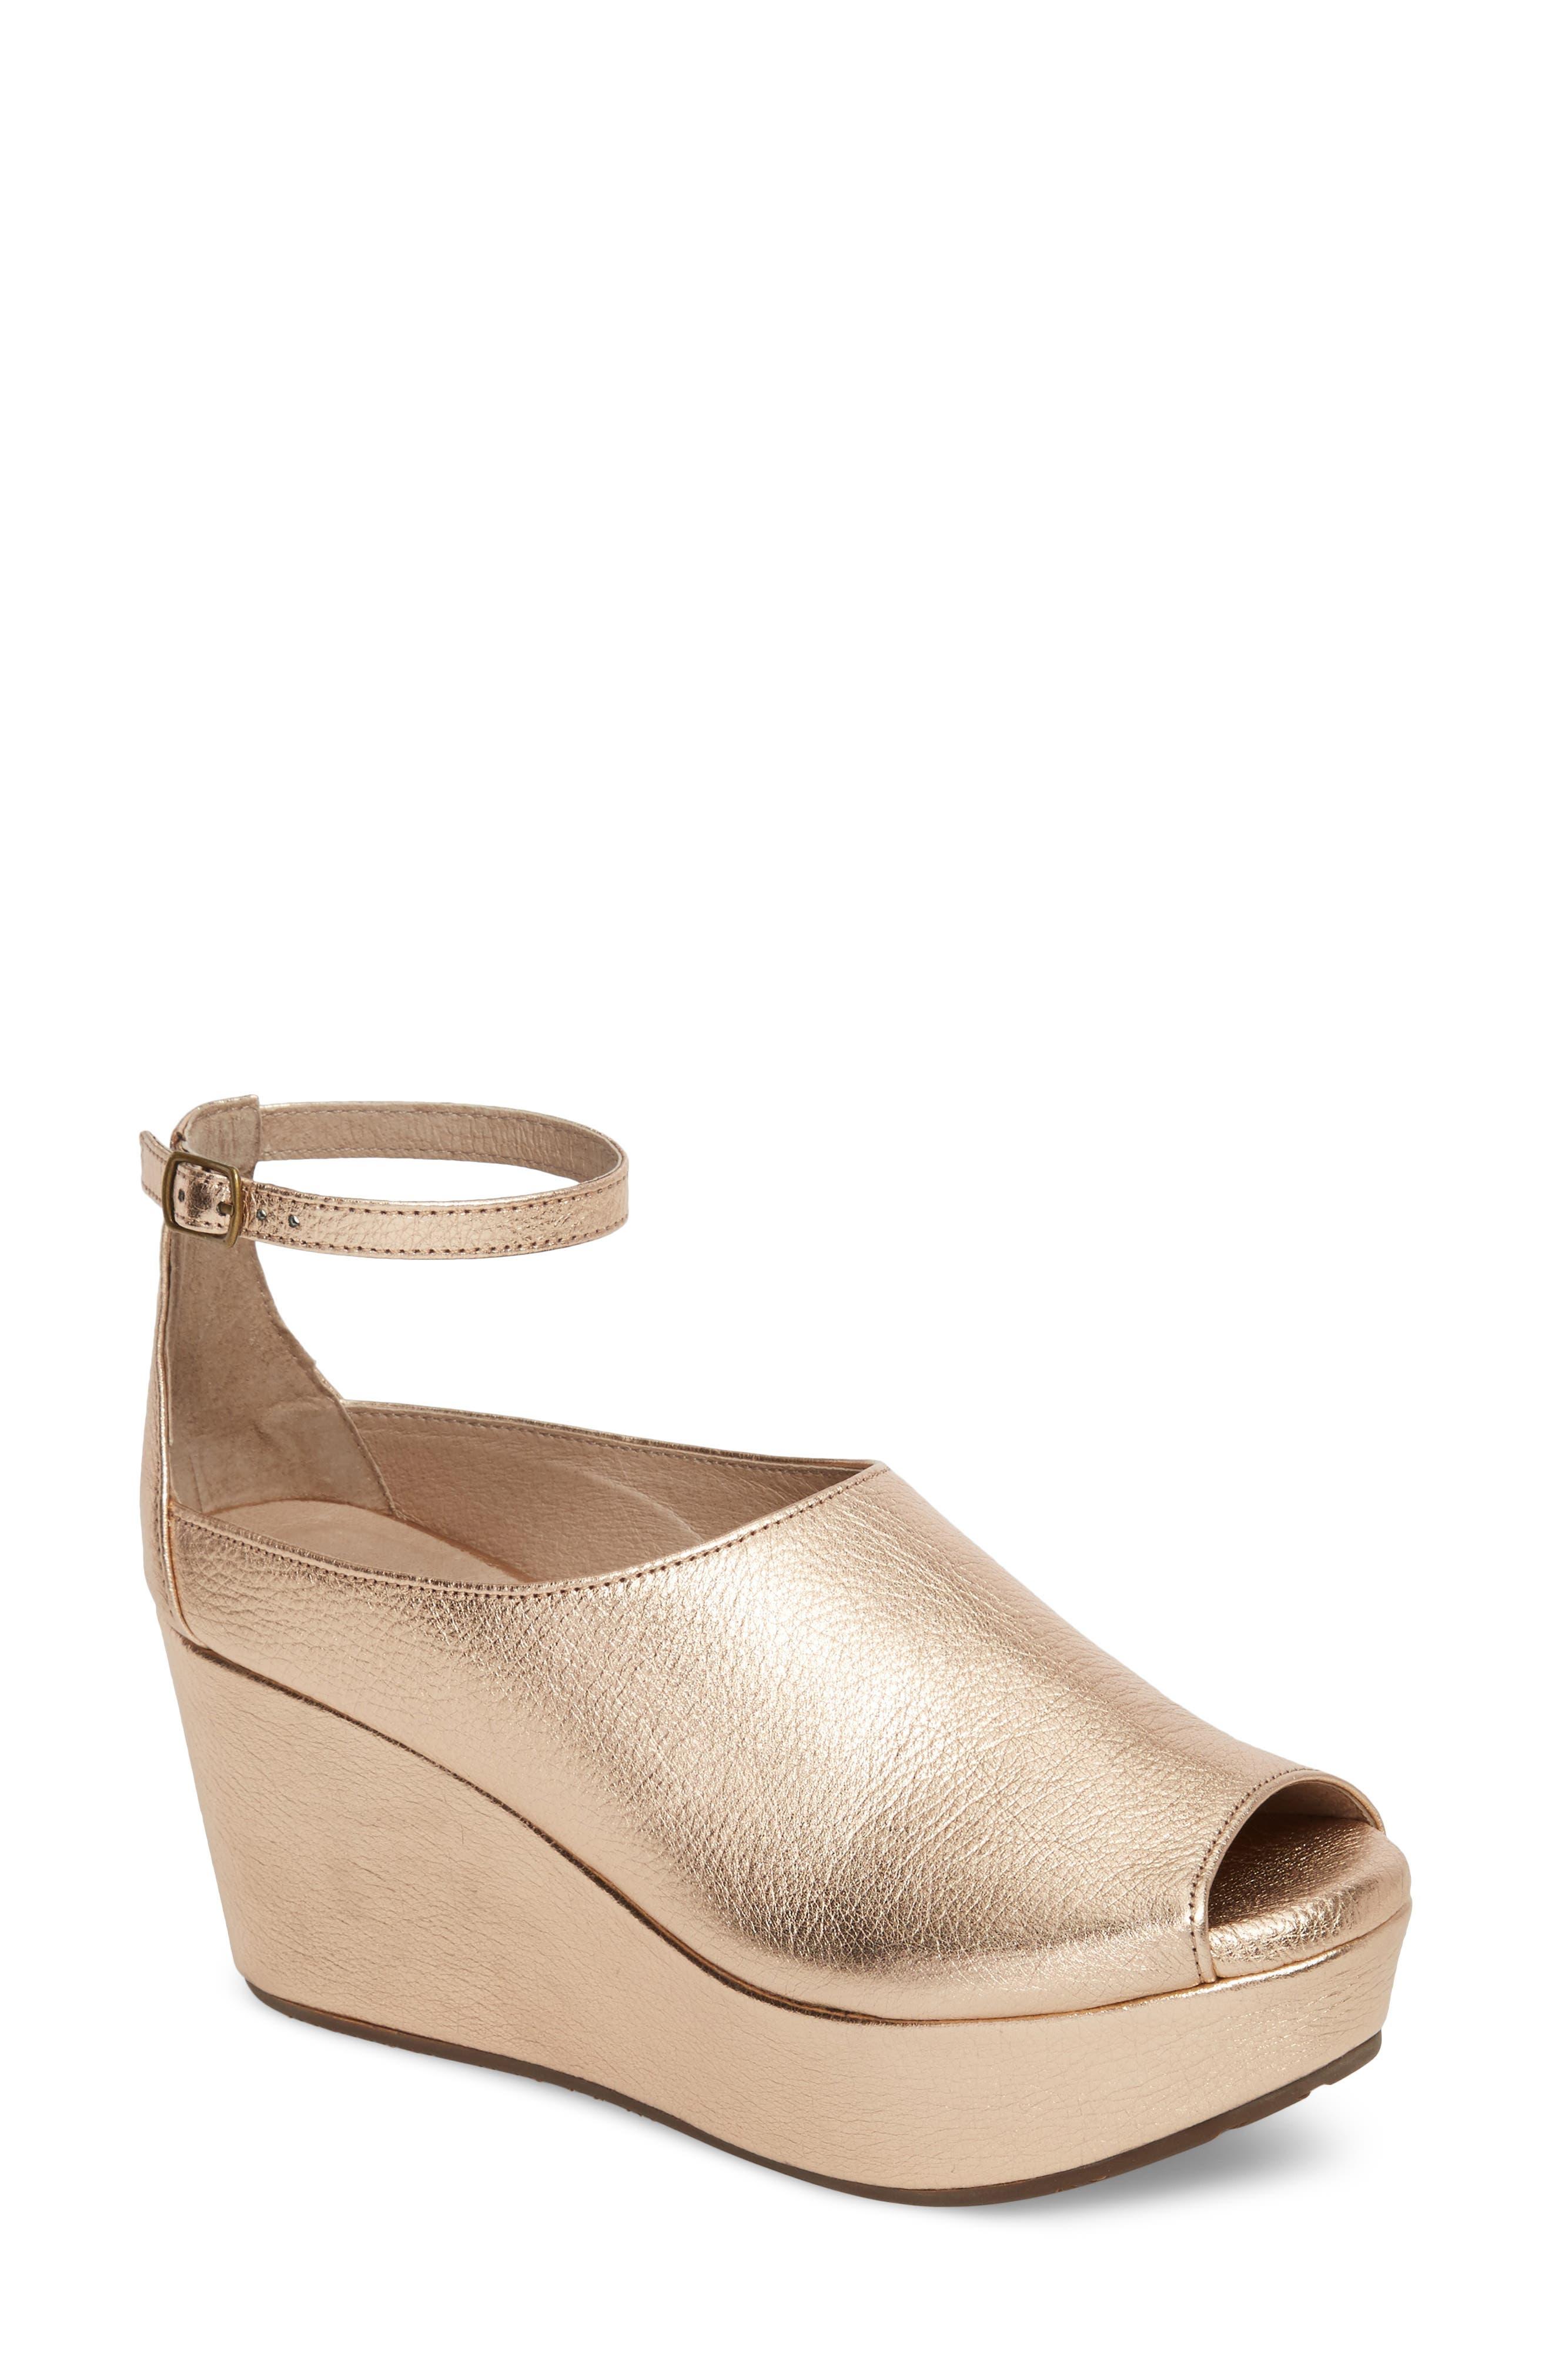 Chocolat Blu Walter Ankle Strap Wedge Sandal, Metallic